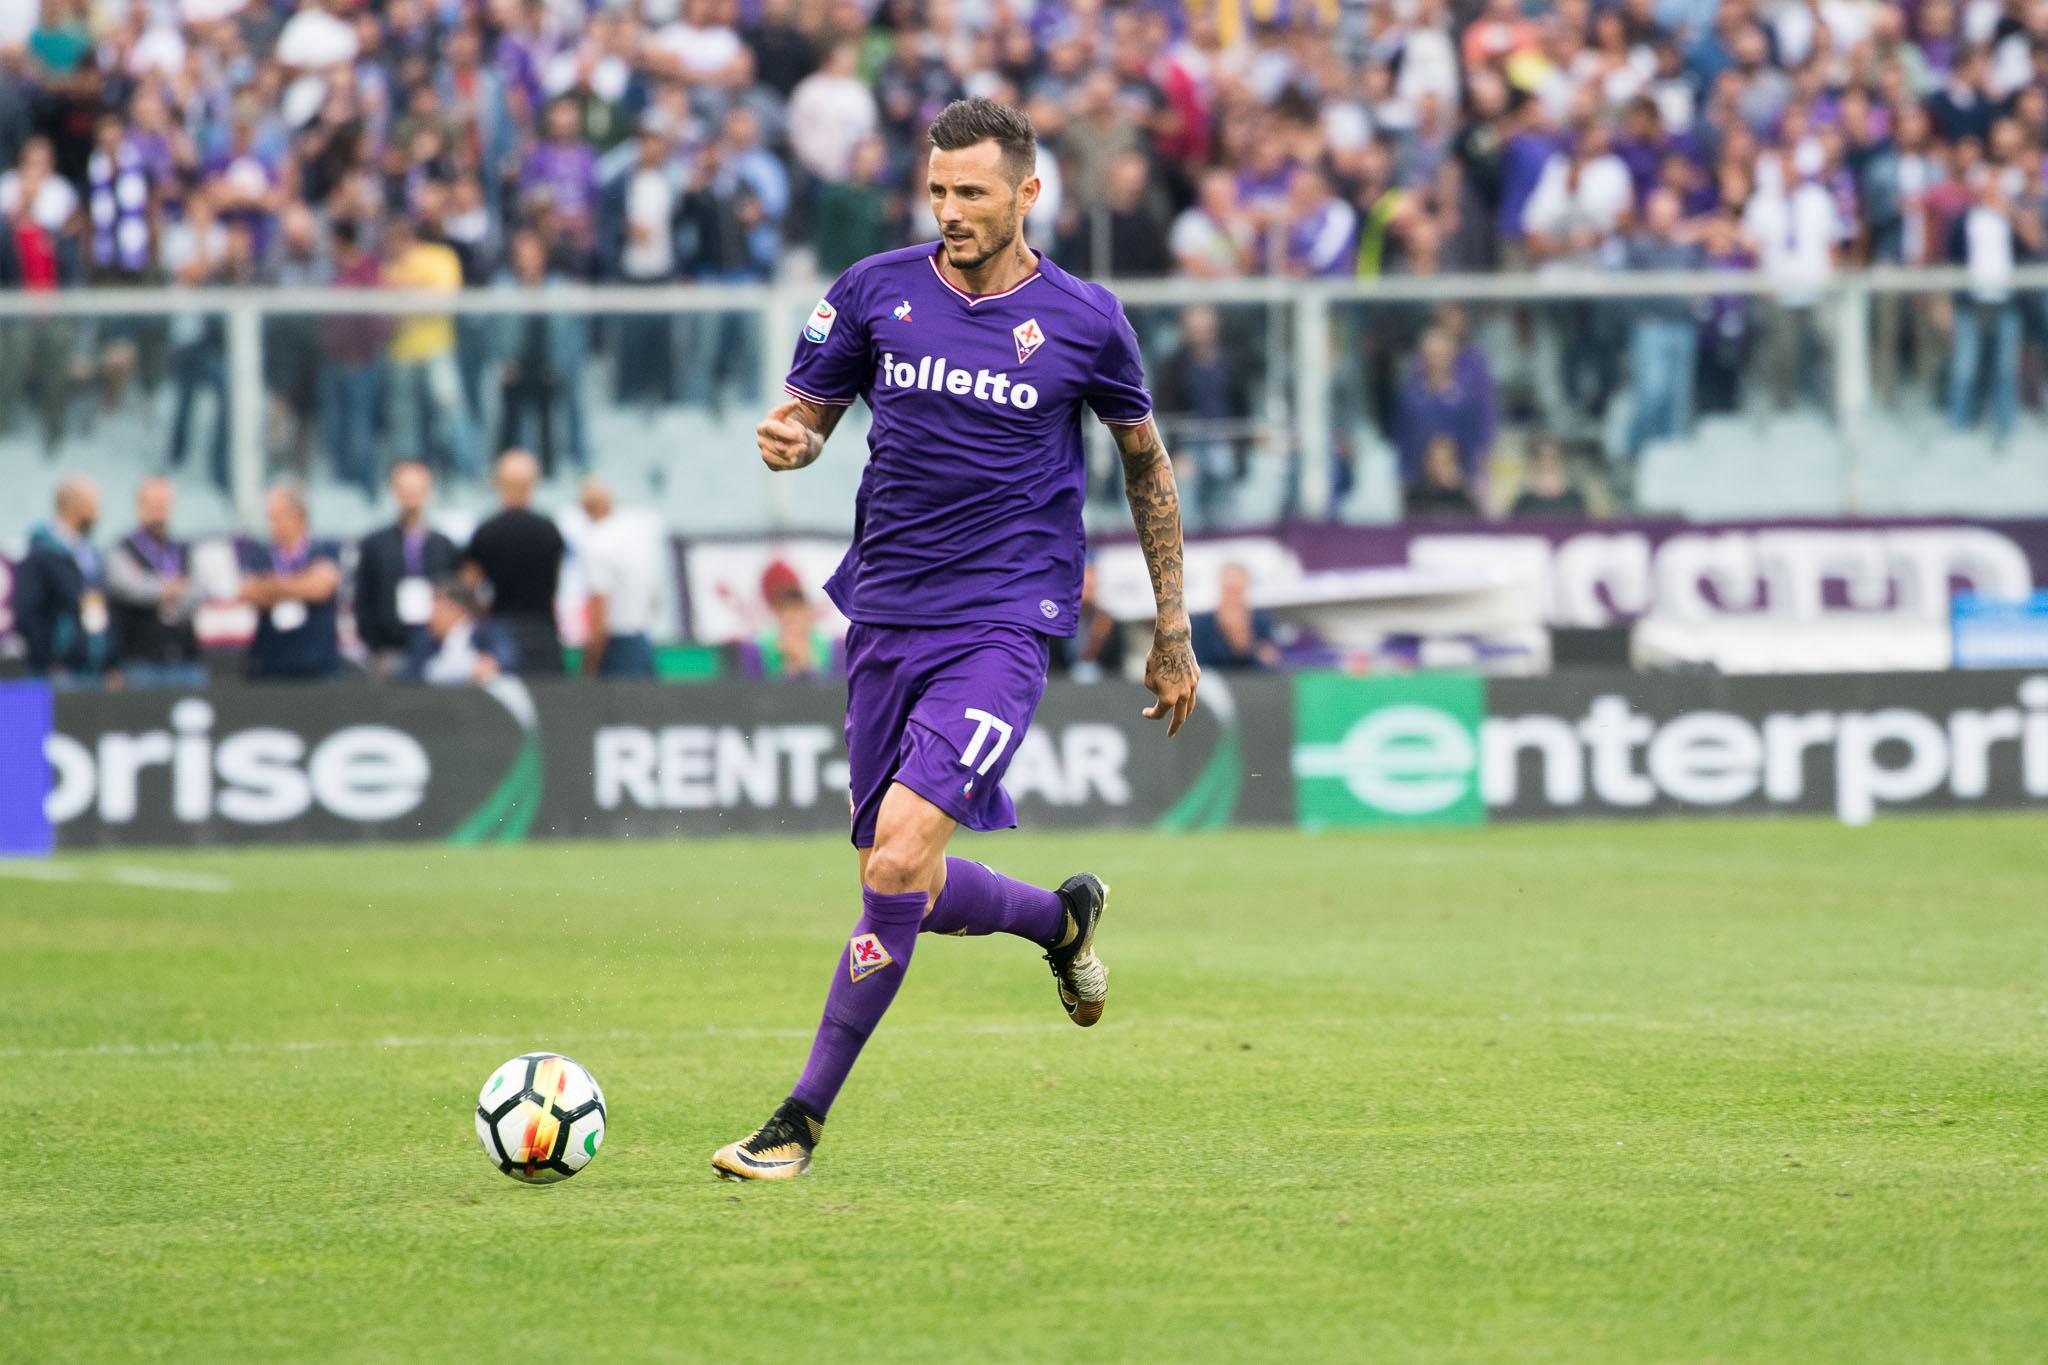 Et voilà, Il Corriere Fiorentino celebra i primi gol al Franchi di Cyril Thereau